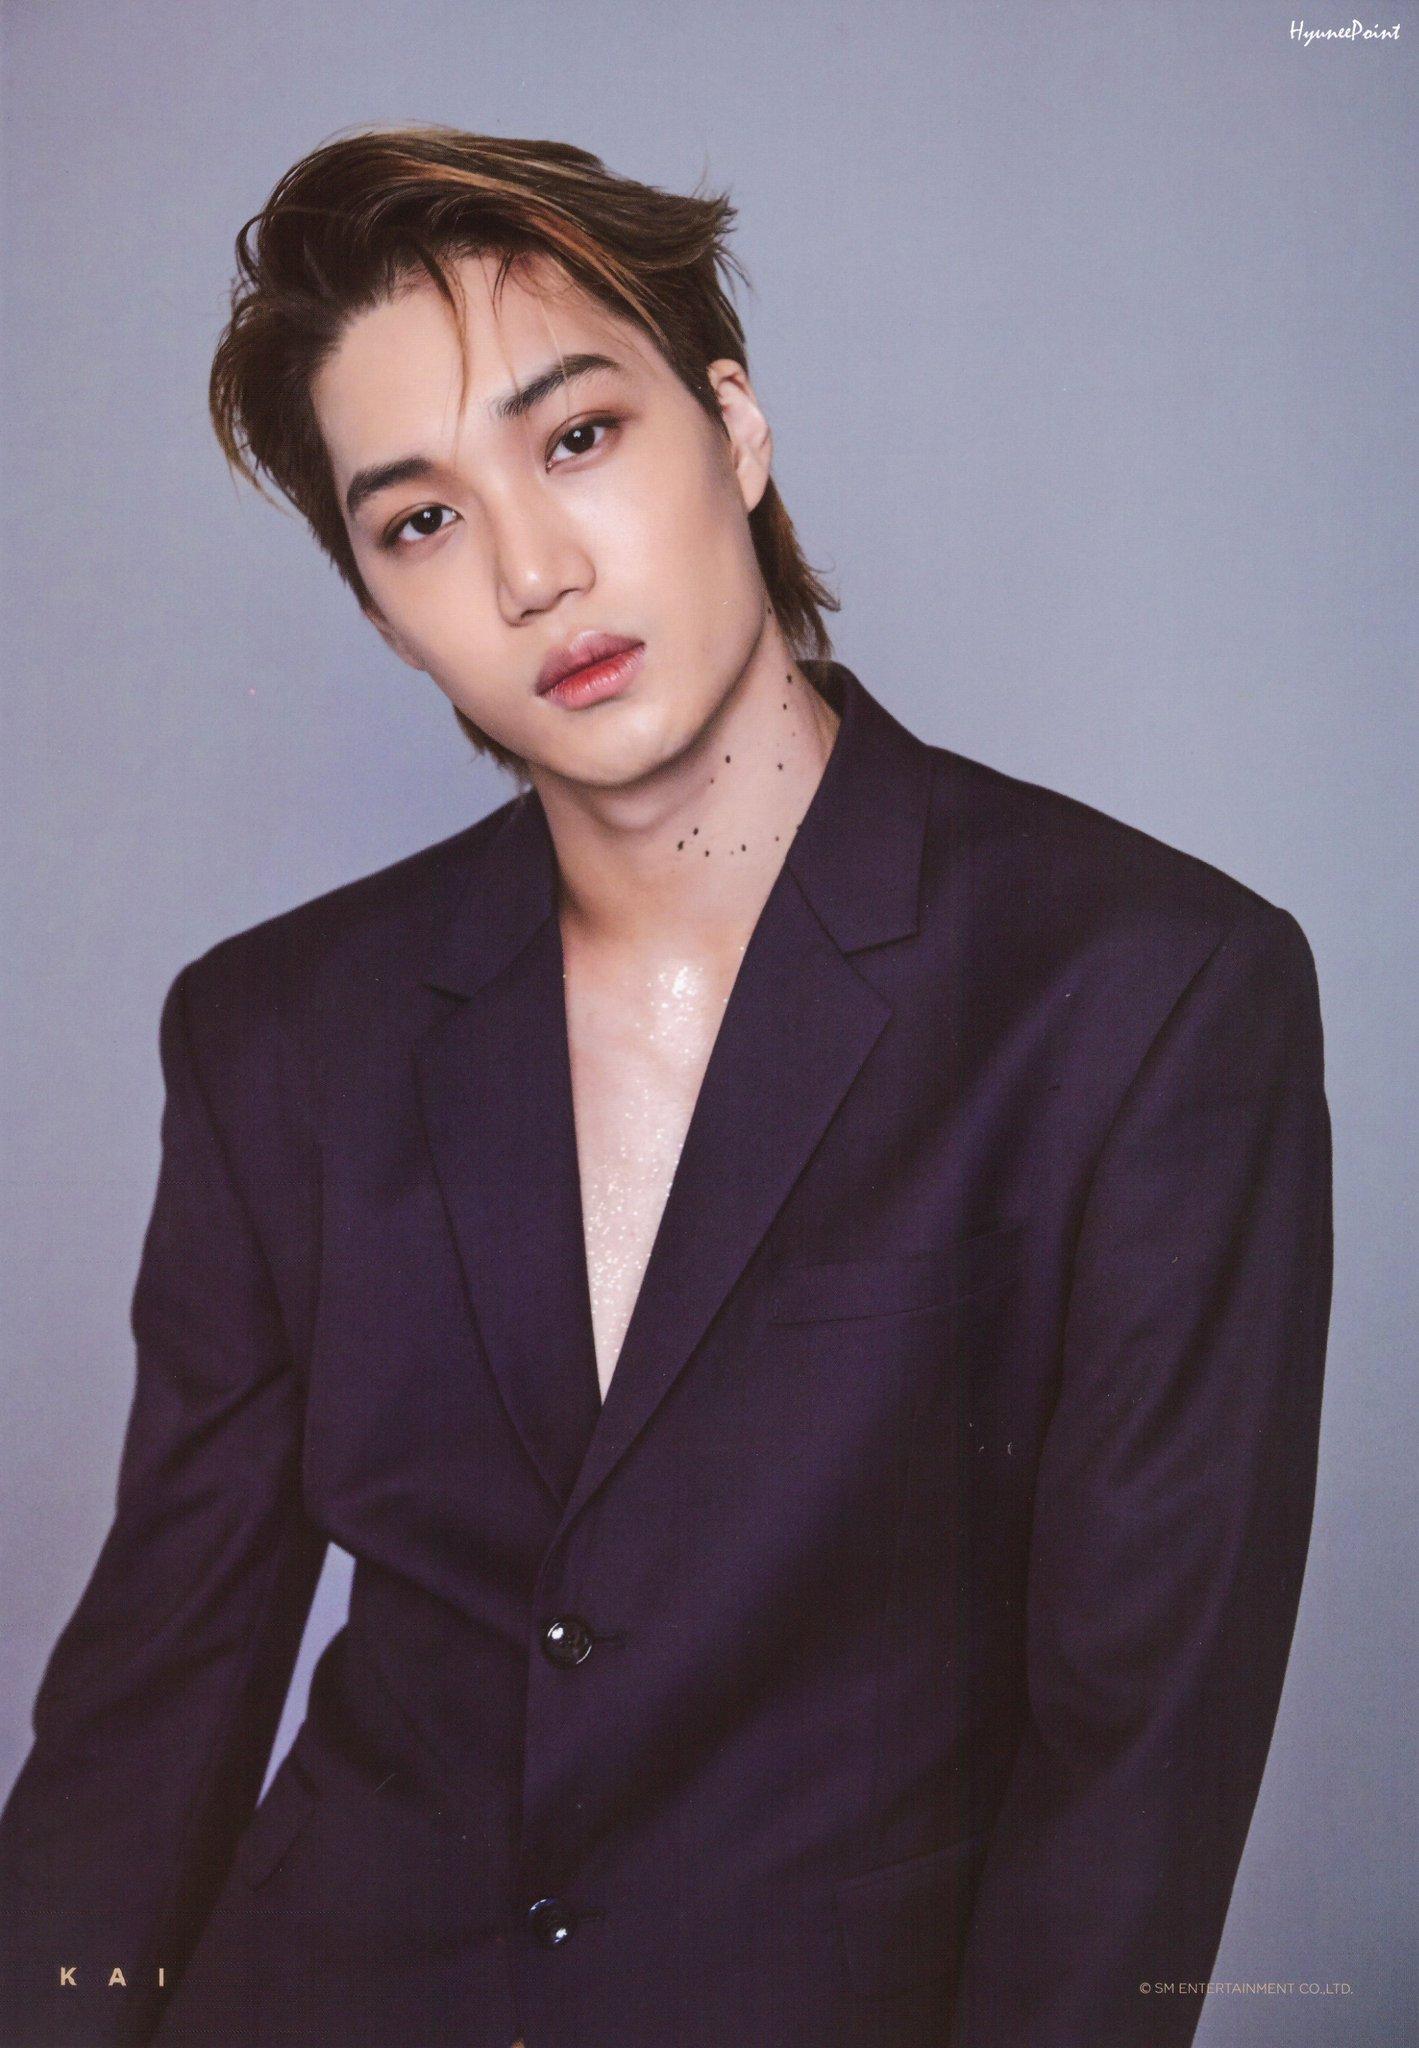 2019-EXO-Season-s-Greetings-kai-exo-k-41758195-1419-2048